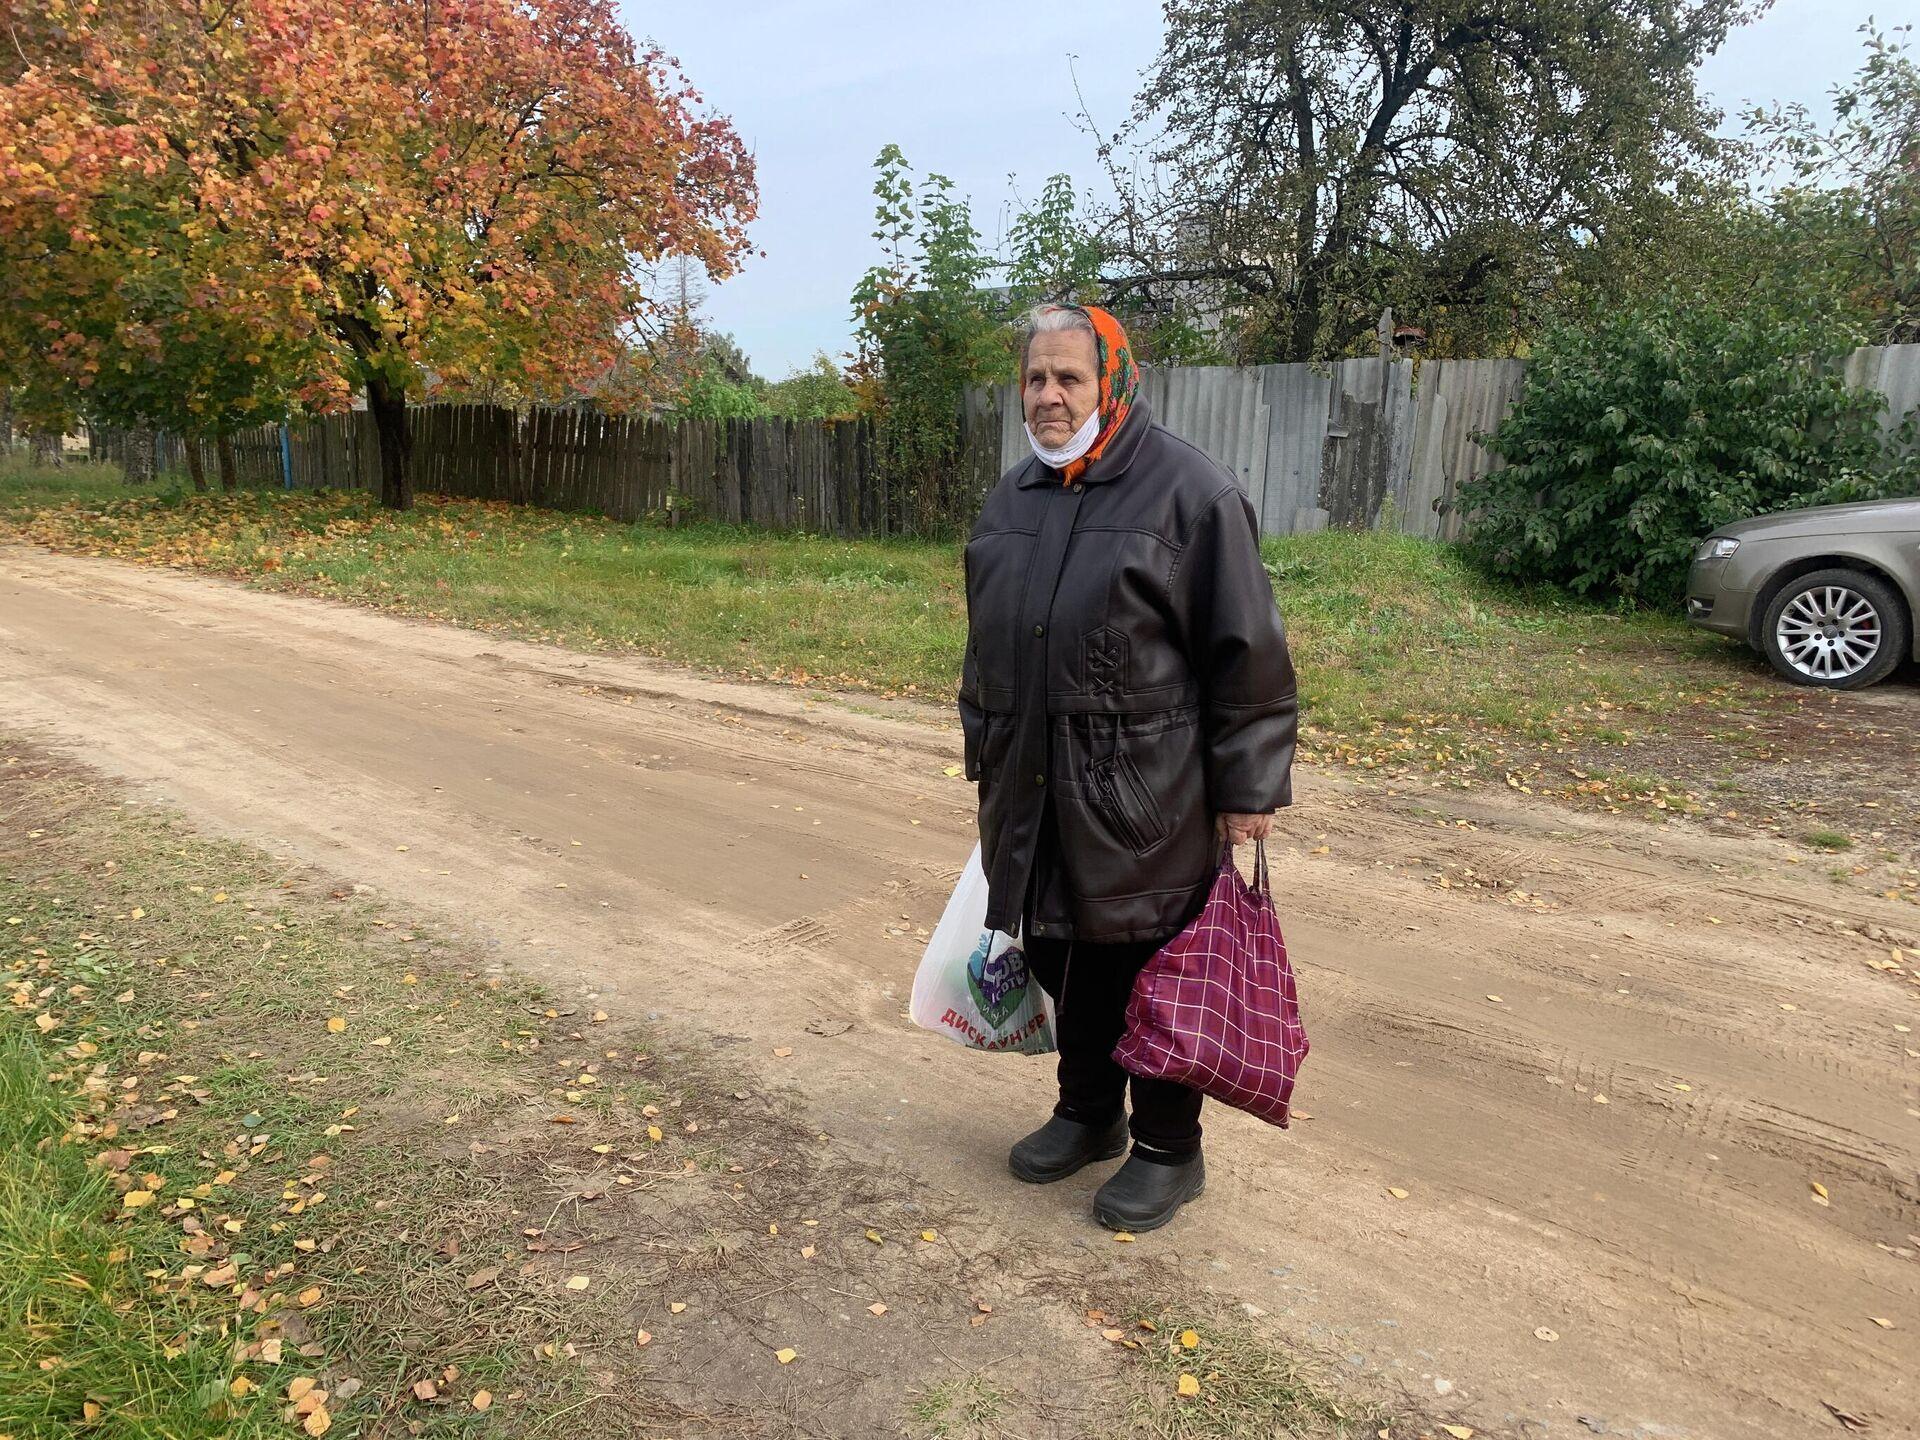 Зинаида Константиновна покупала рыбацкие сапоги, чтобы попасть в затопленный подвал - Sputnik Беларусь, 1920, 06.10.2021